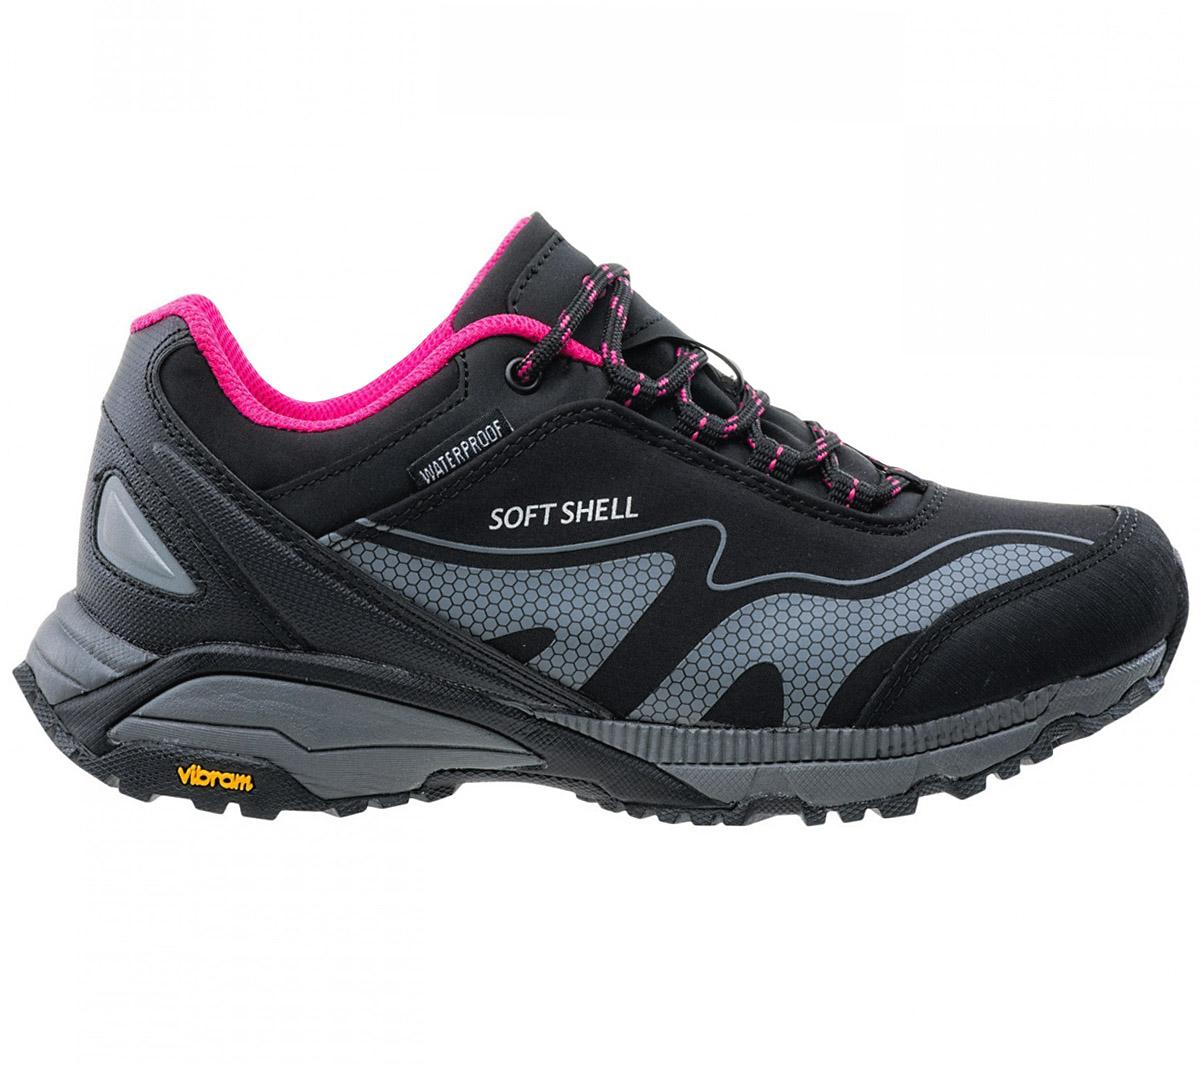 wiele stylów zamówienie 100% najwyższej jakości Details about Hi-Tec Kangri Low Wp Softshell Vibram Shoes Women's Hiking  Outdoor Mountain